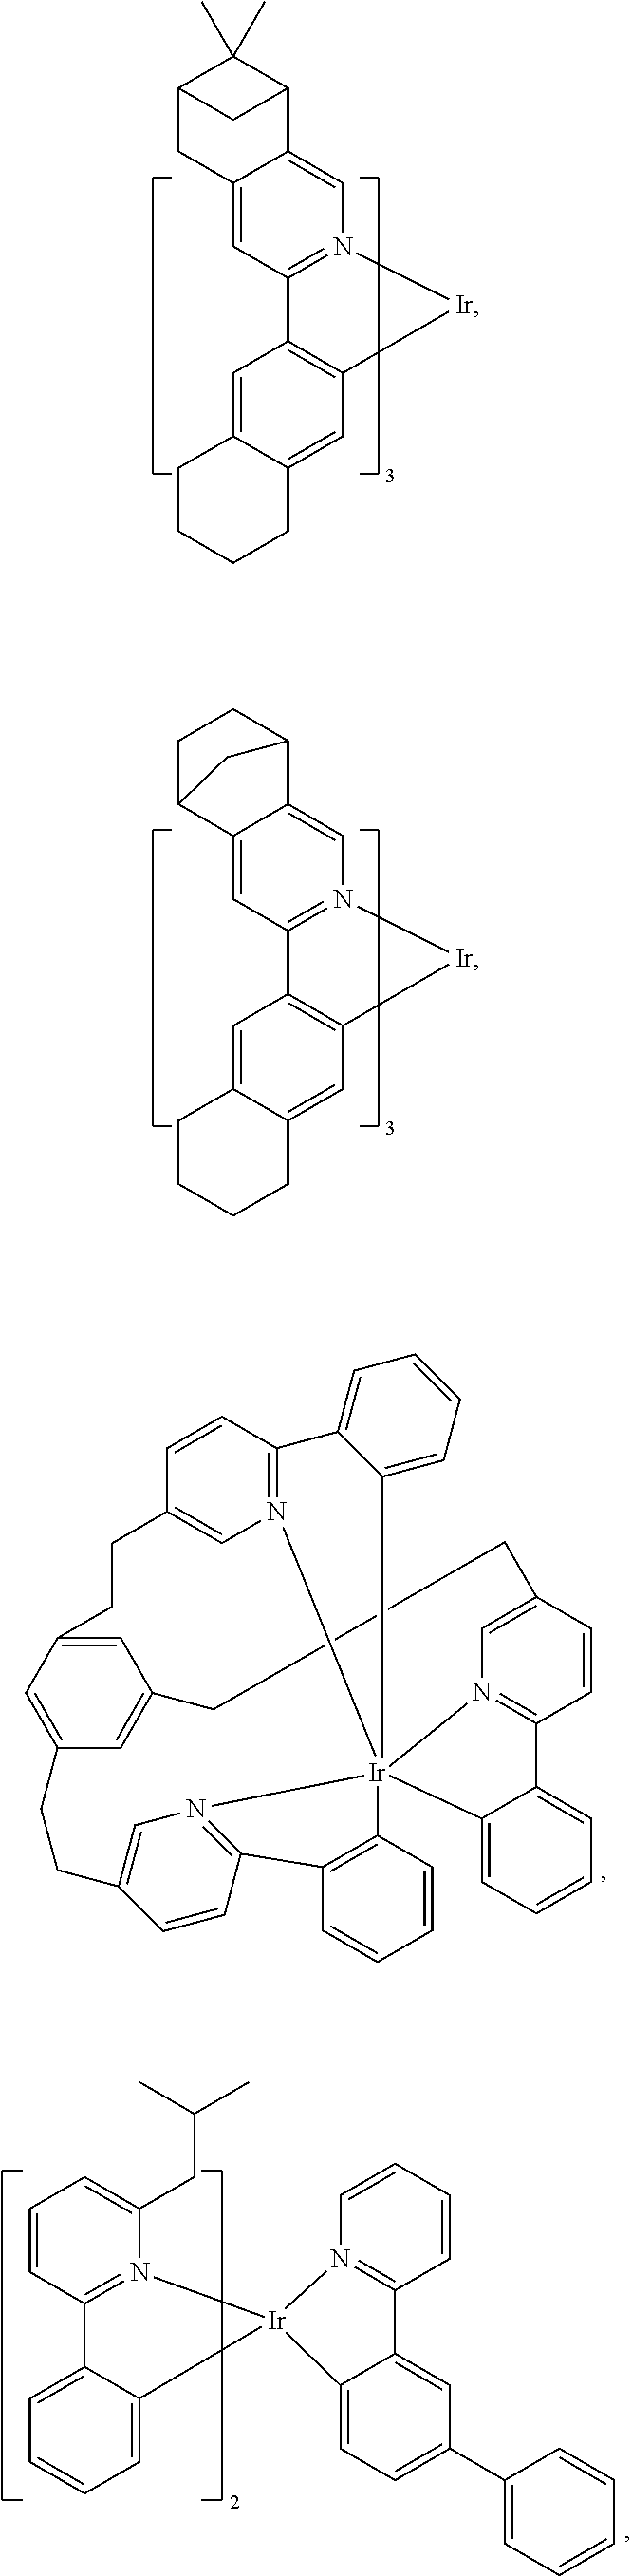 Figure US20190161504A1-20190530-C00063